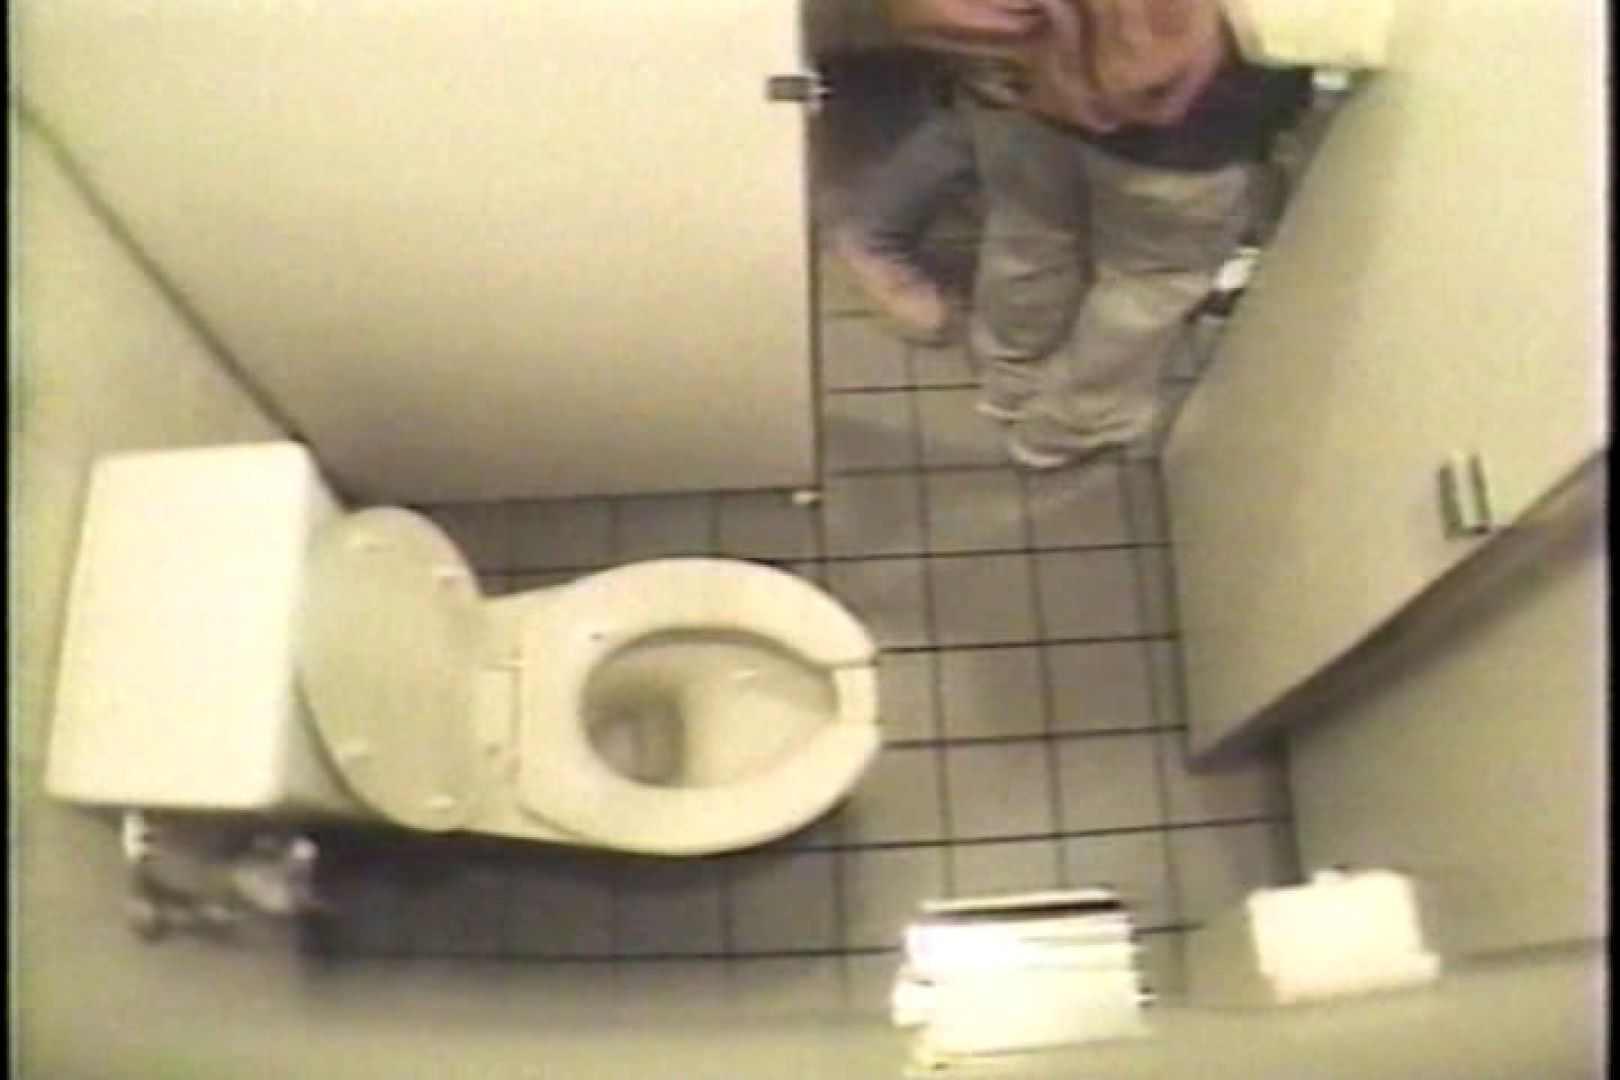 盗撮 女子洗面所3ヶ所入ってしゃがんで音出して プライベート  109連発 20